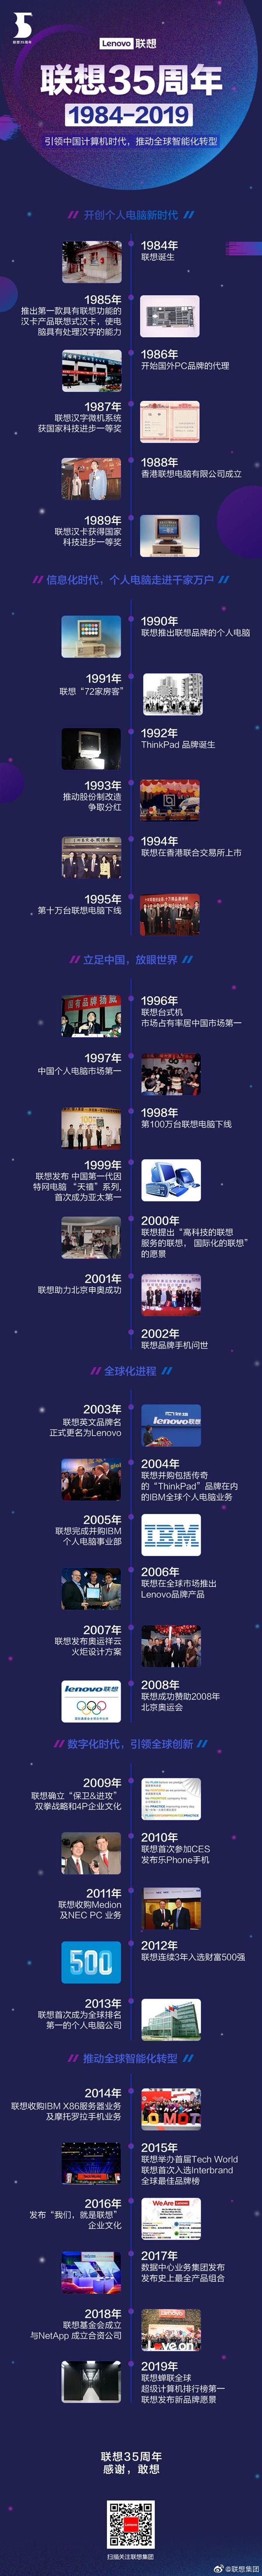 一张图看懂联想35周年:引领中国计算机时代